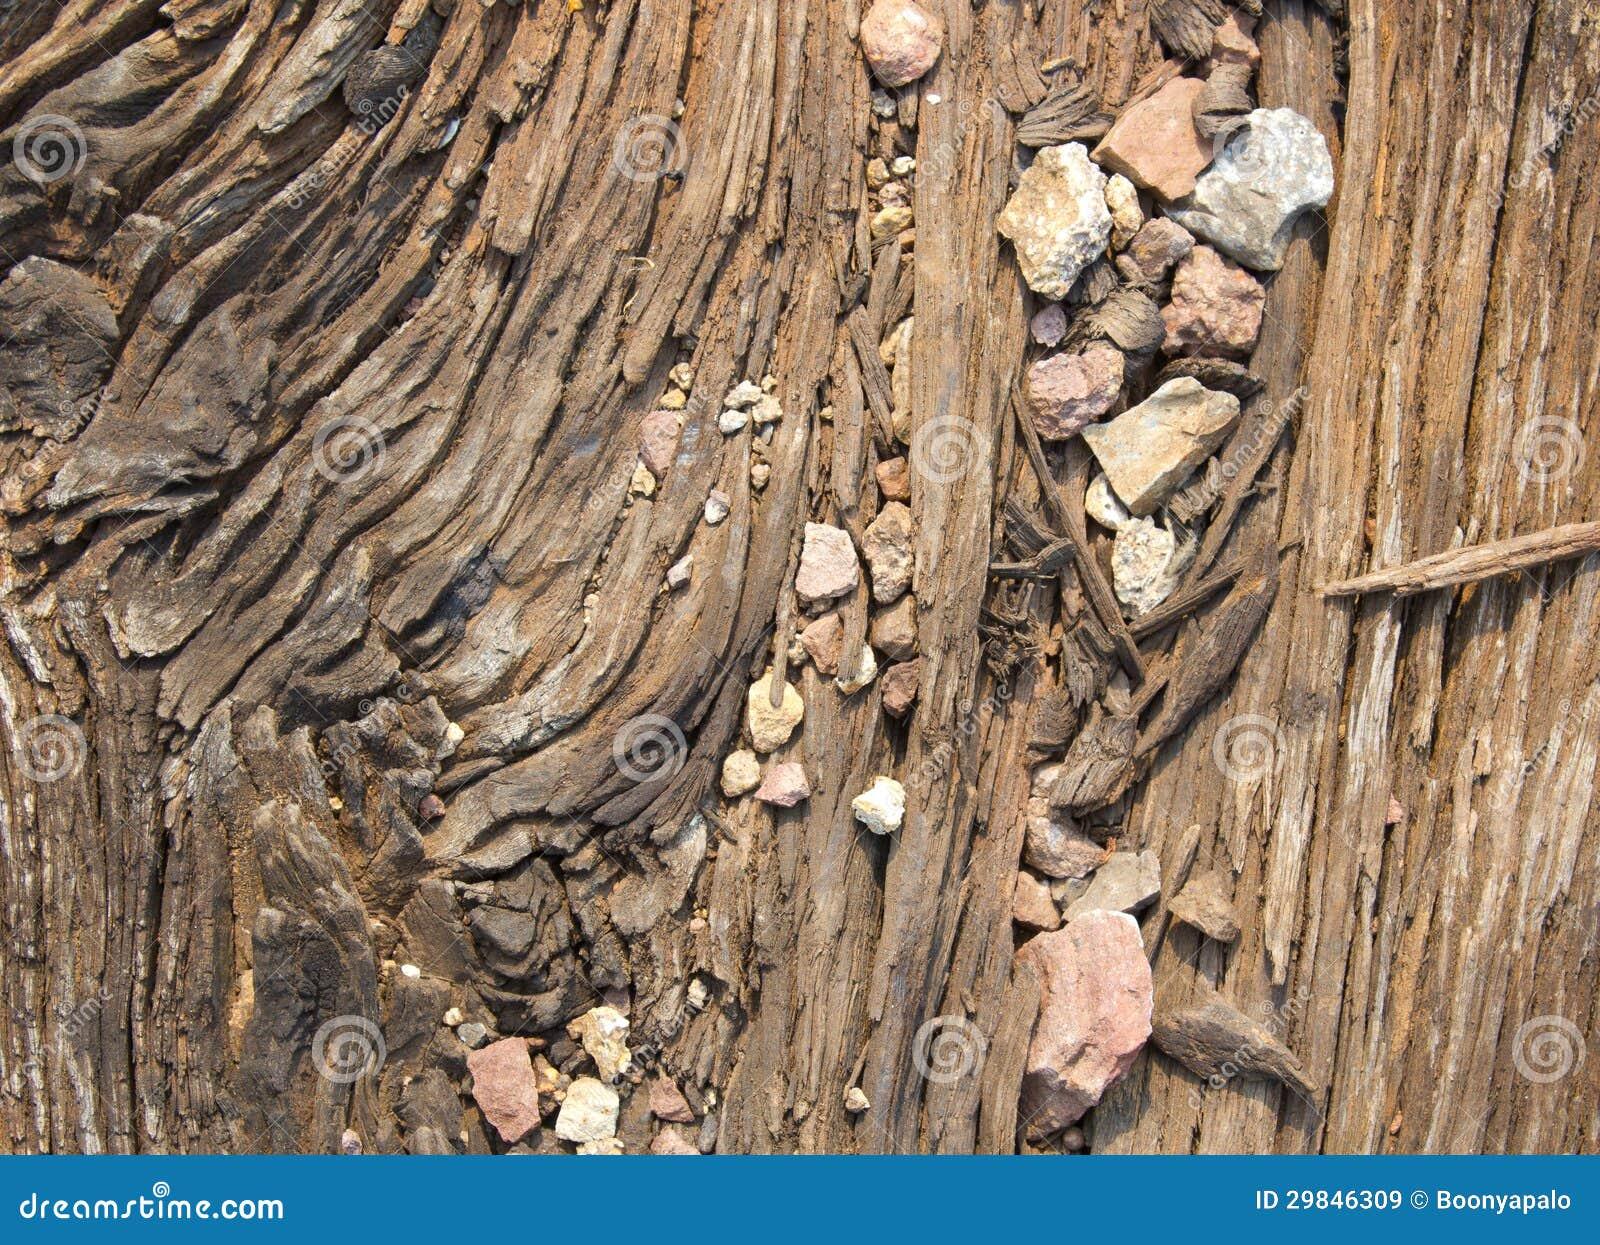 Detalhe de madeira velho